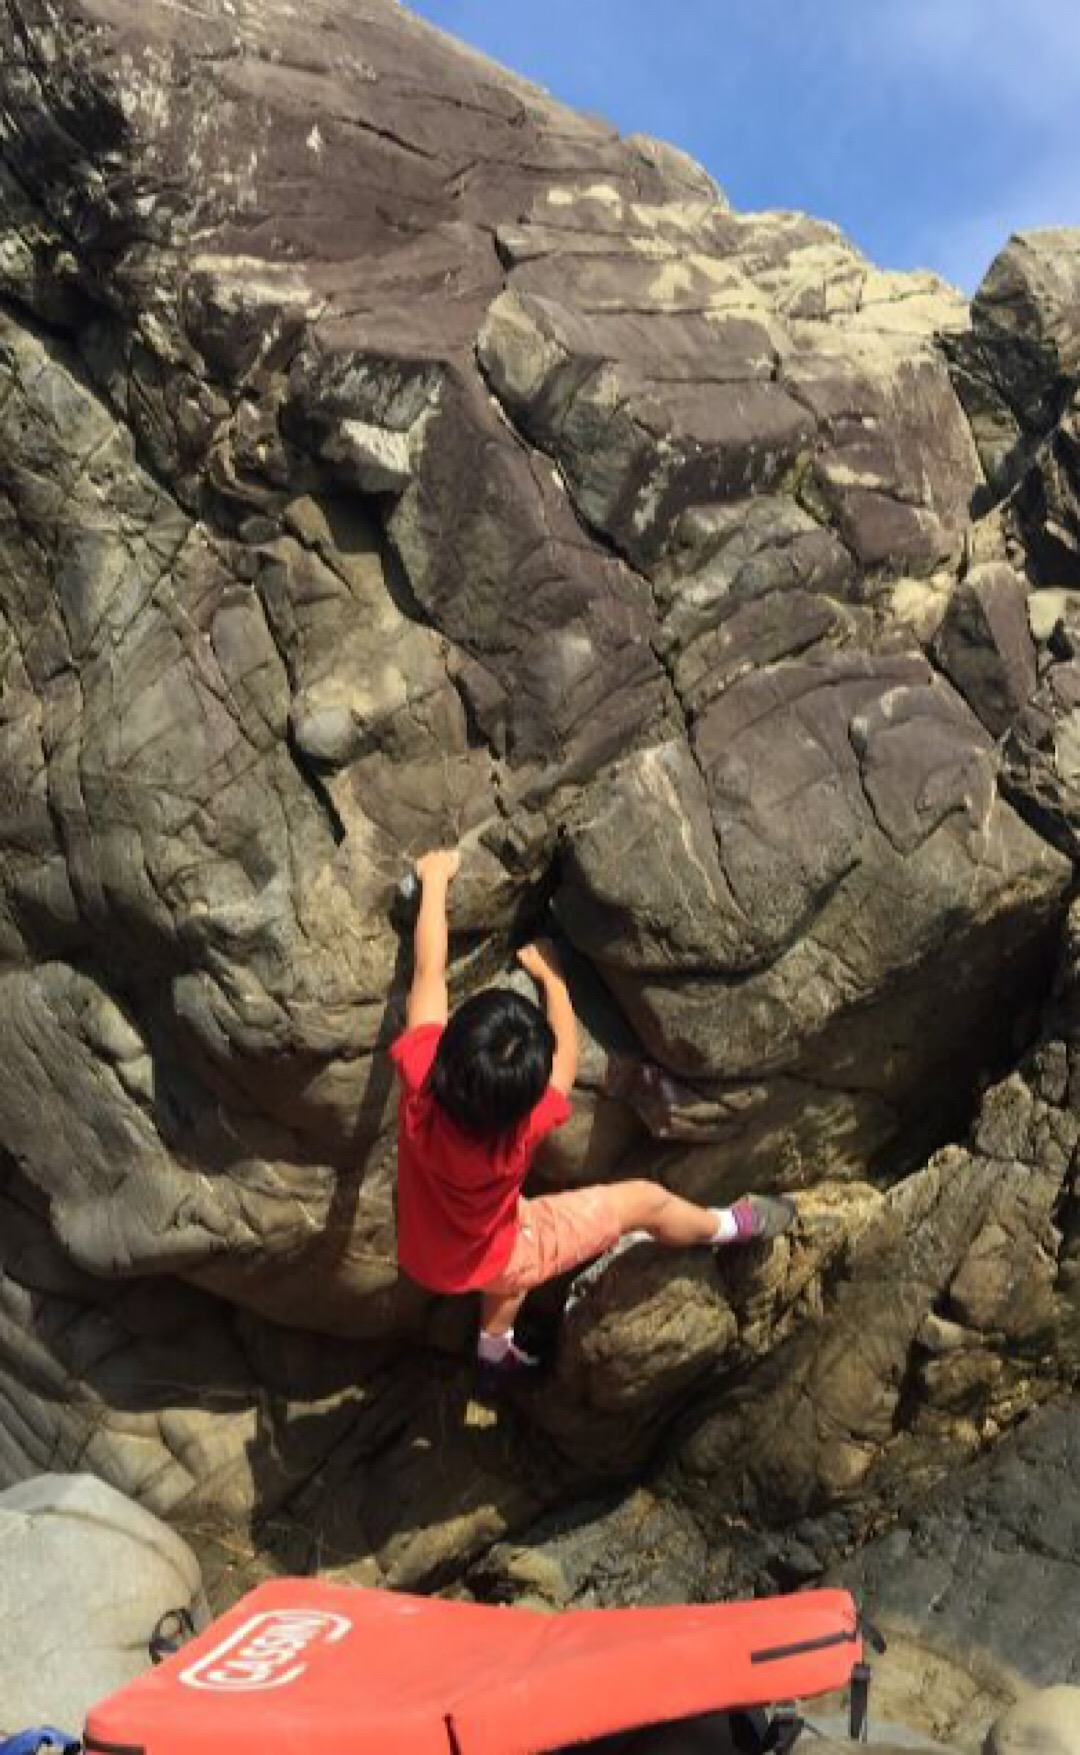 【外岩に挑戦!】屋久島の岩を登る!アウトドアボルダリング【グループ割引あります!】屋久島の岩を登る!アウトドアボルダリング【1名様参加】